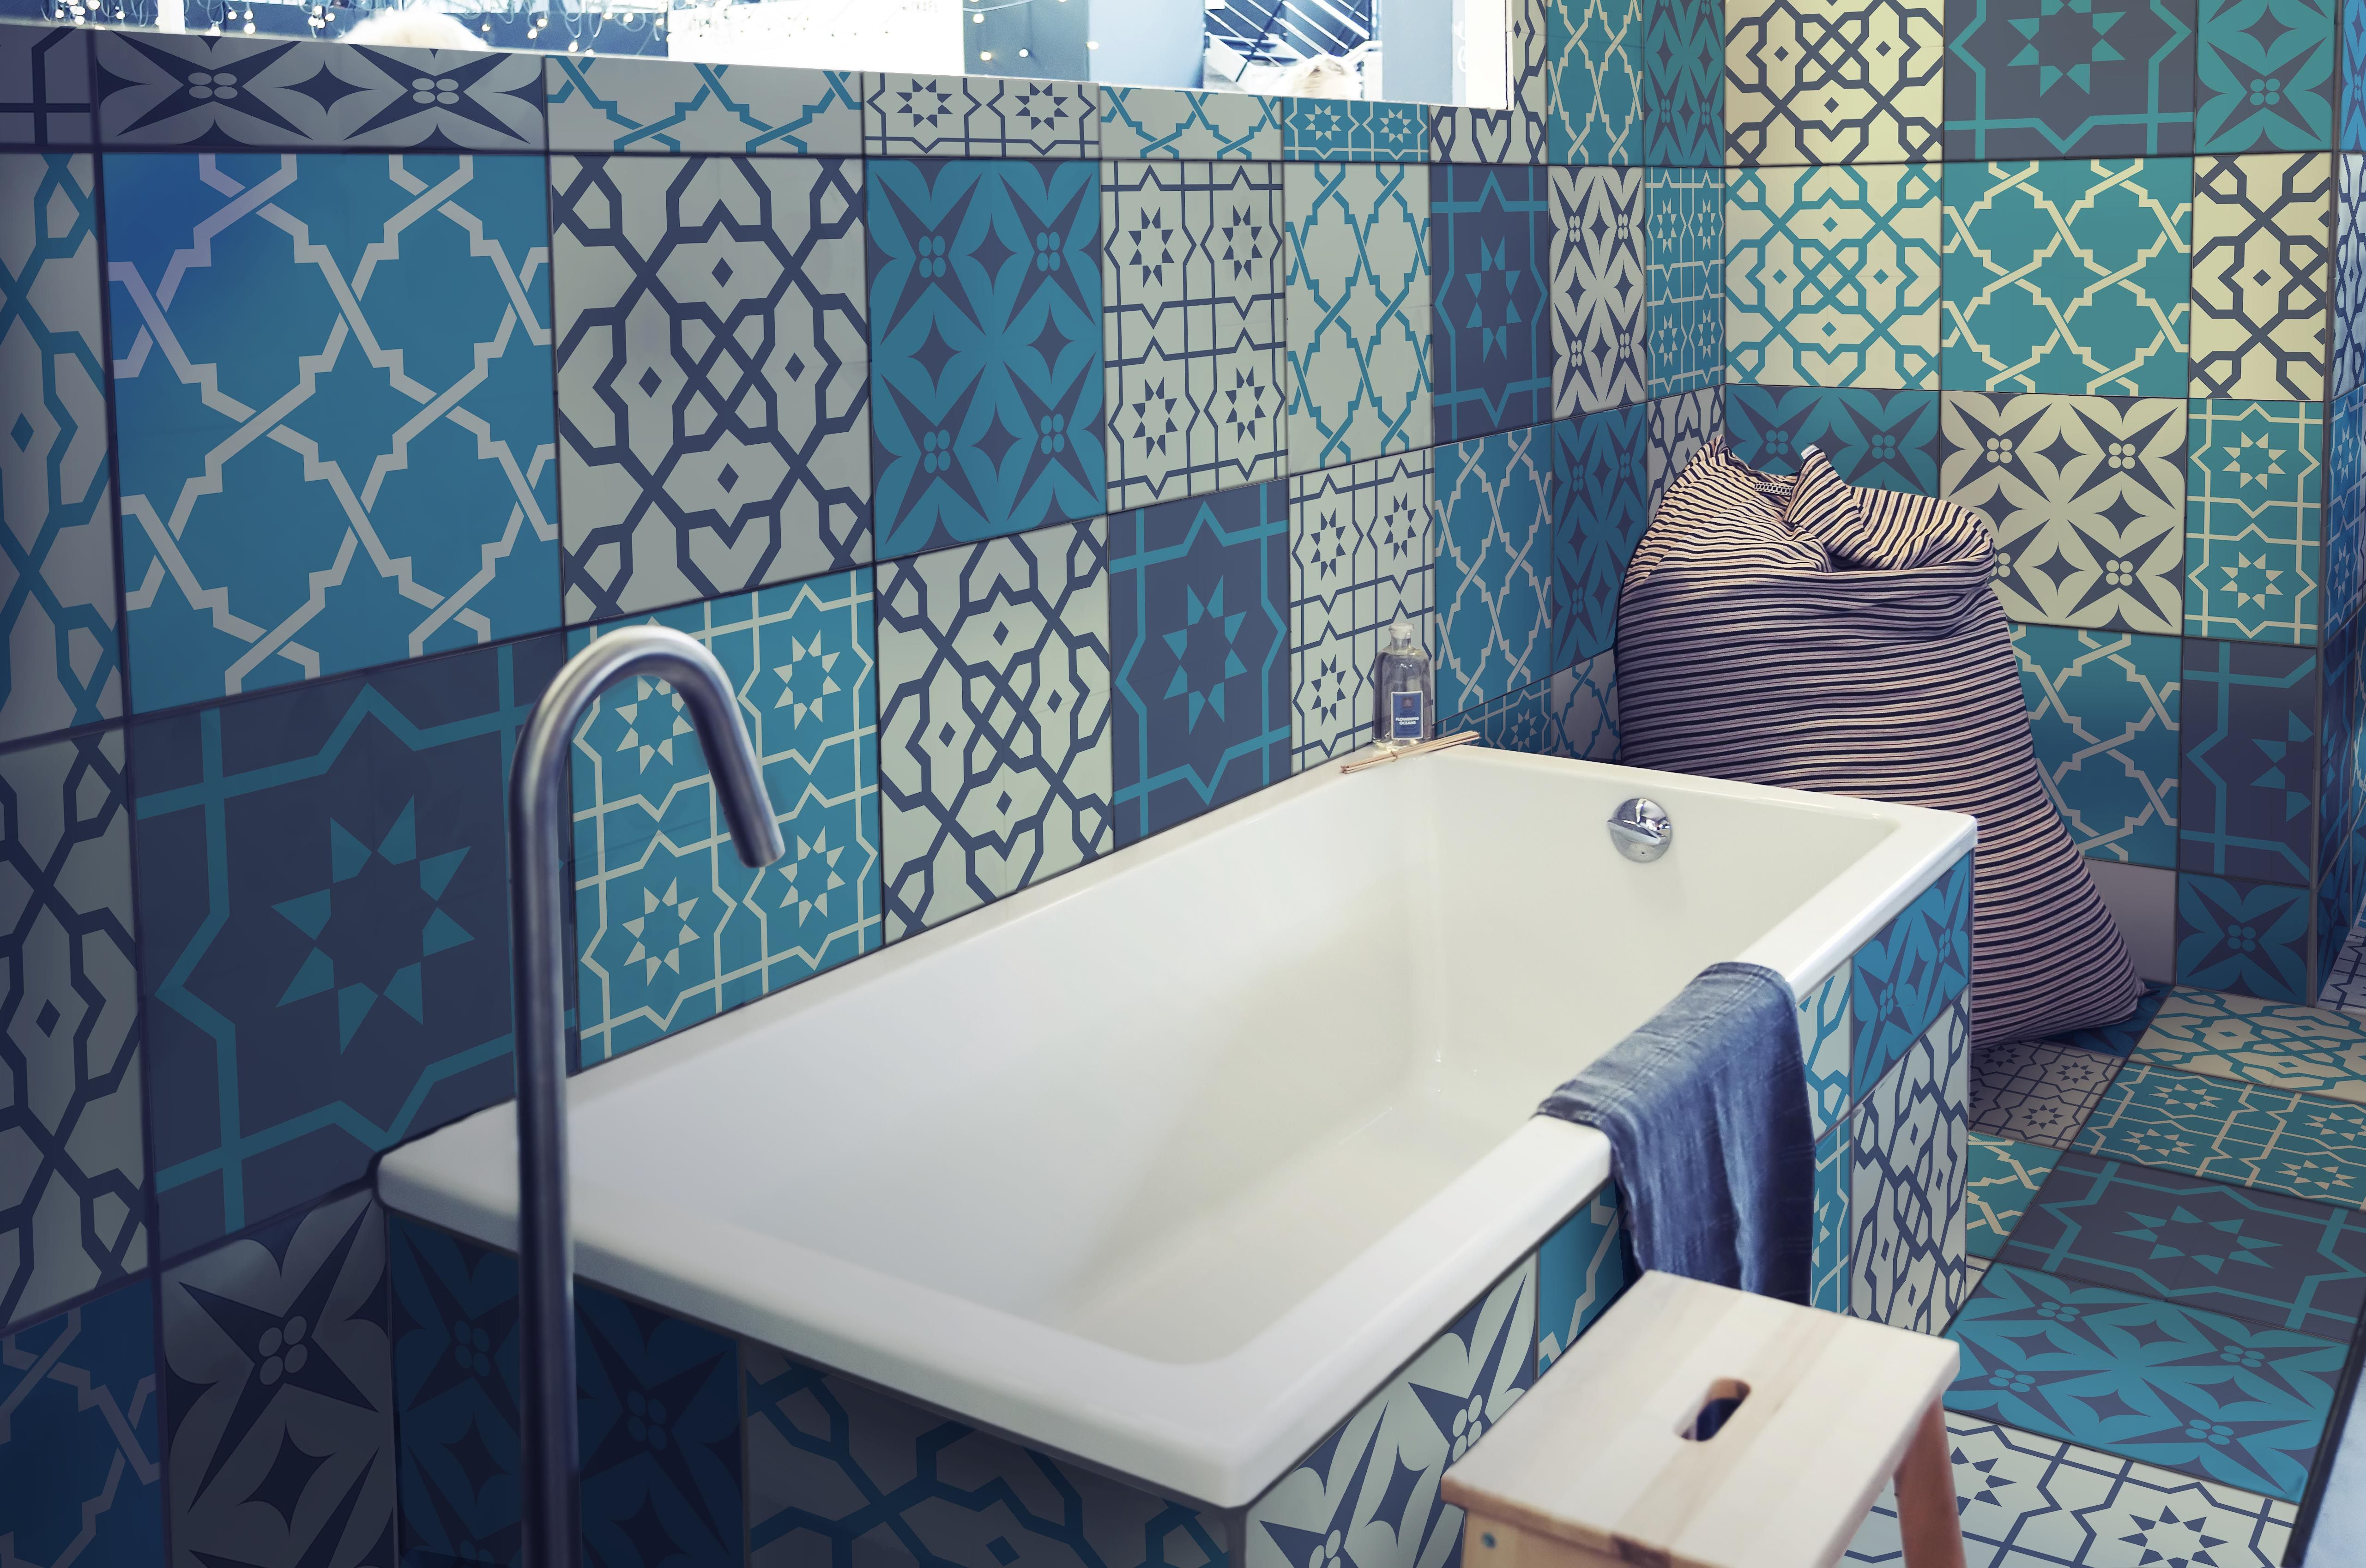 Fliesenaufkleber Set Fur Kuche Bad Design Marokkanisch Mit Bildern Fliesenfolie Fliesenaufkleber Fliesen